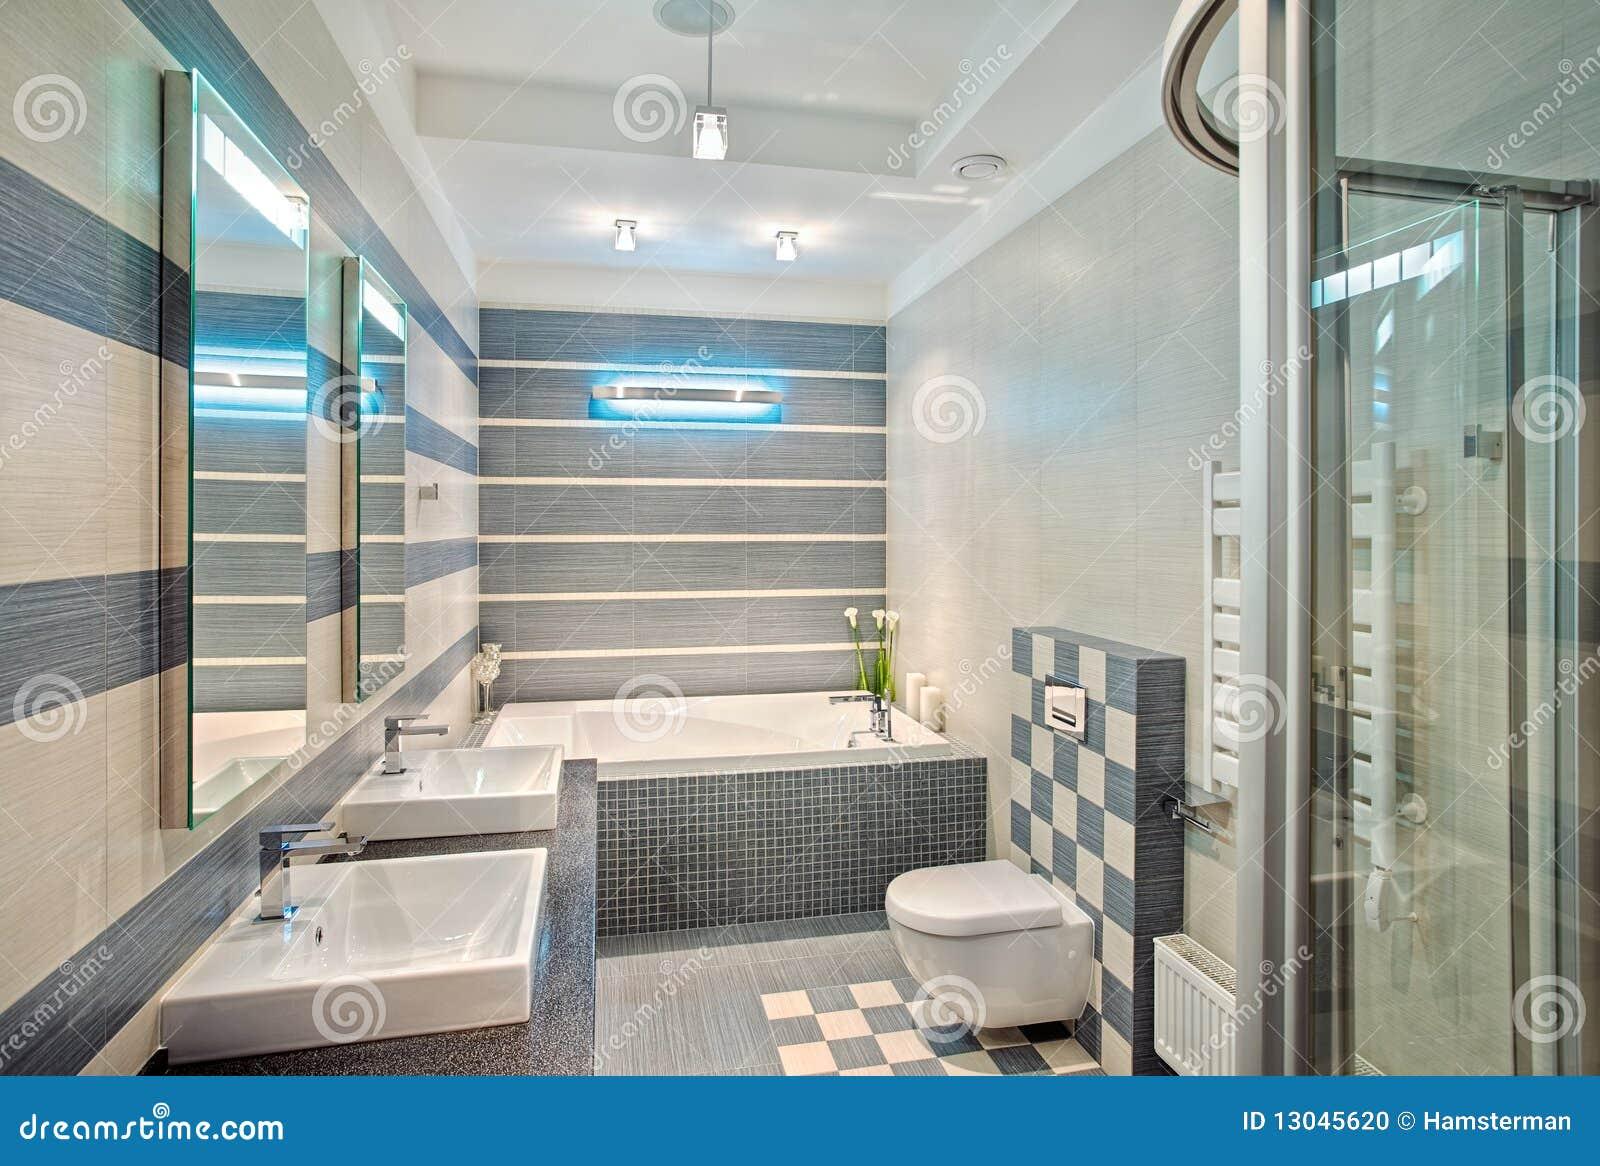 Cuarto De Baño Moderno En Tonos Azules Y Grises Con El ...